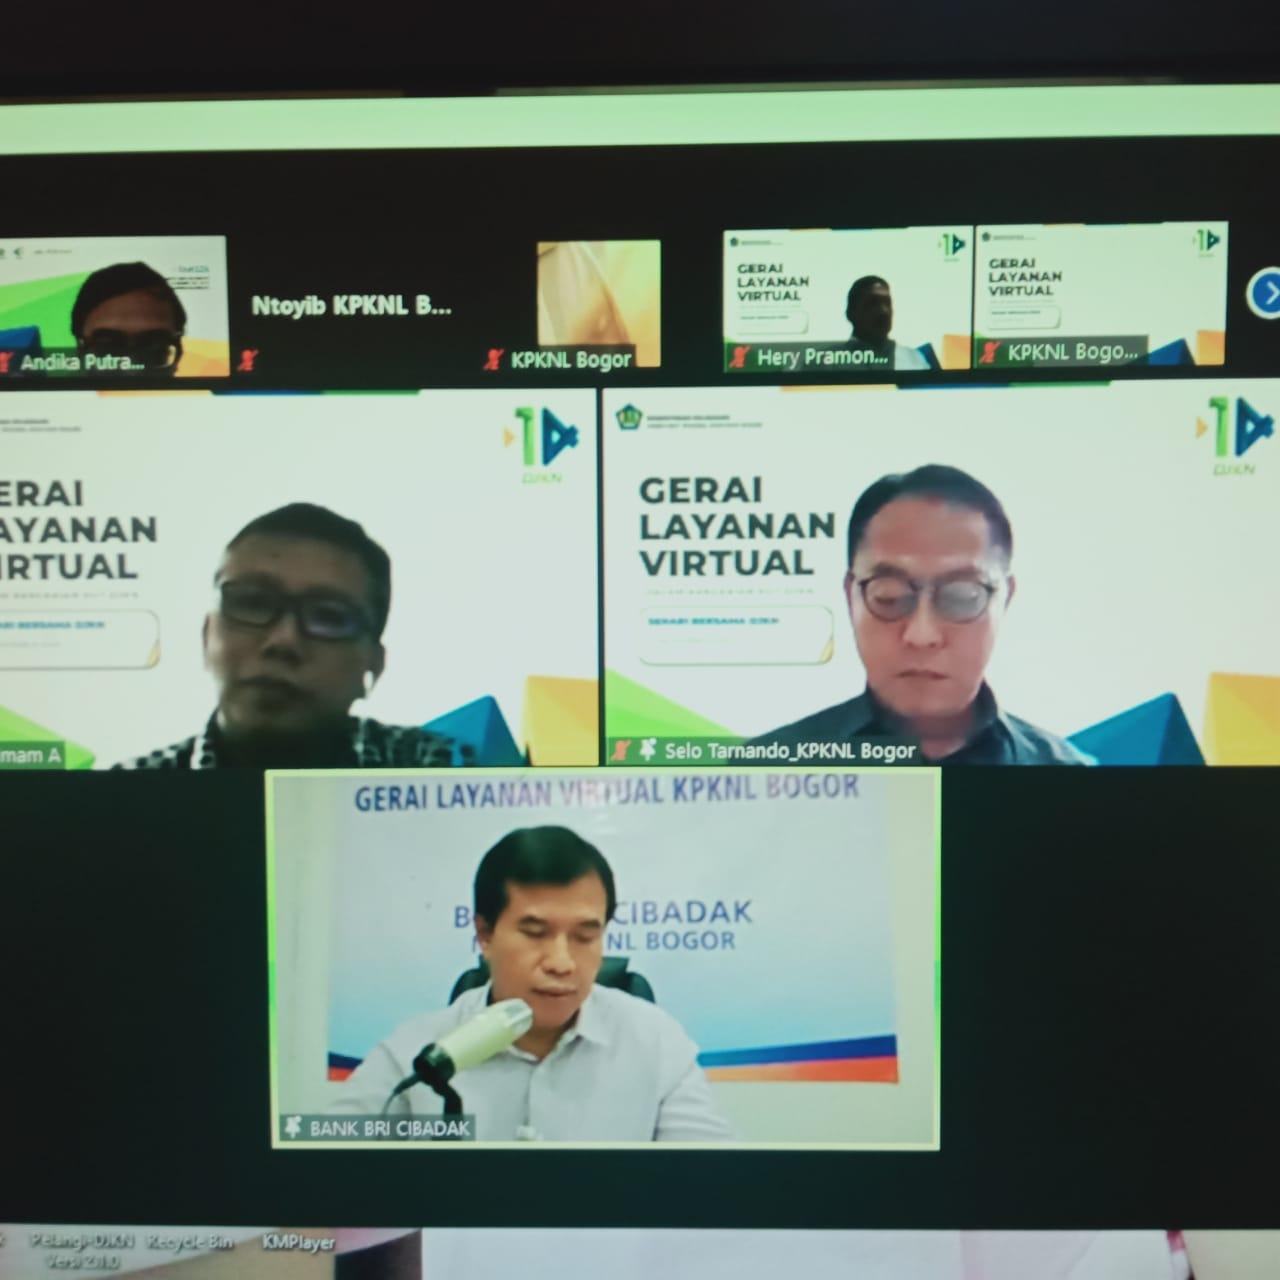 Gerai Layanan Virtual KPKNL Bogor dalam Semarakkan HUT Ke - 14 DJKN